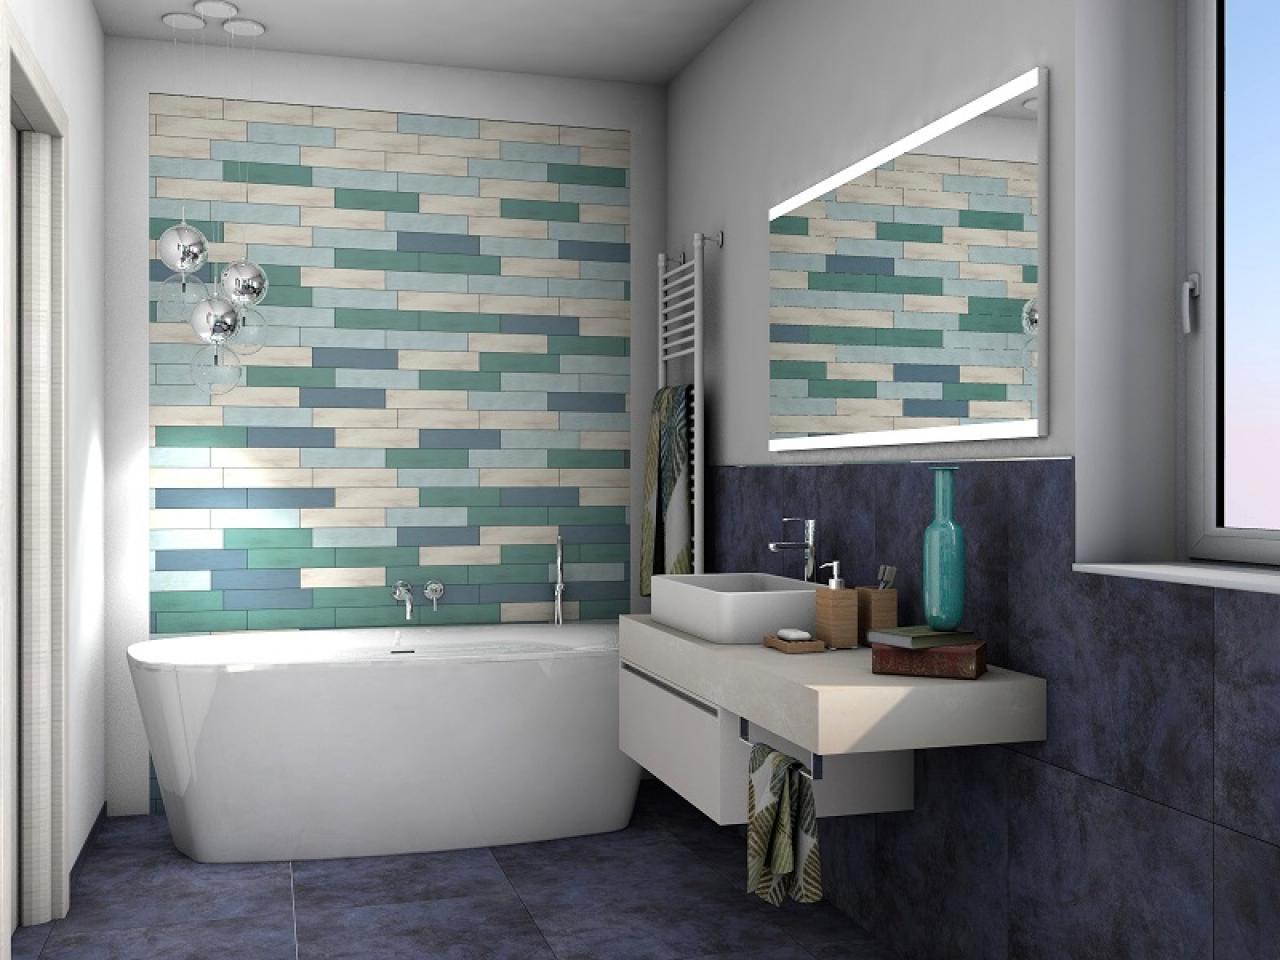 Bagni Colorati Blu : Rinnovare il bagno con sanitari e lavabi colorati